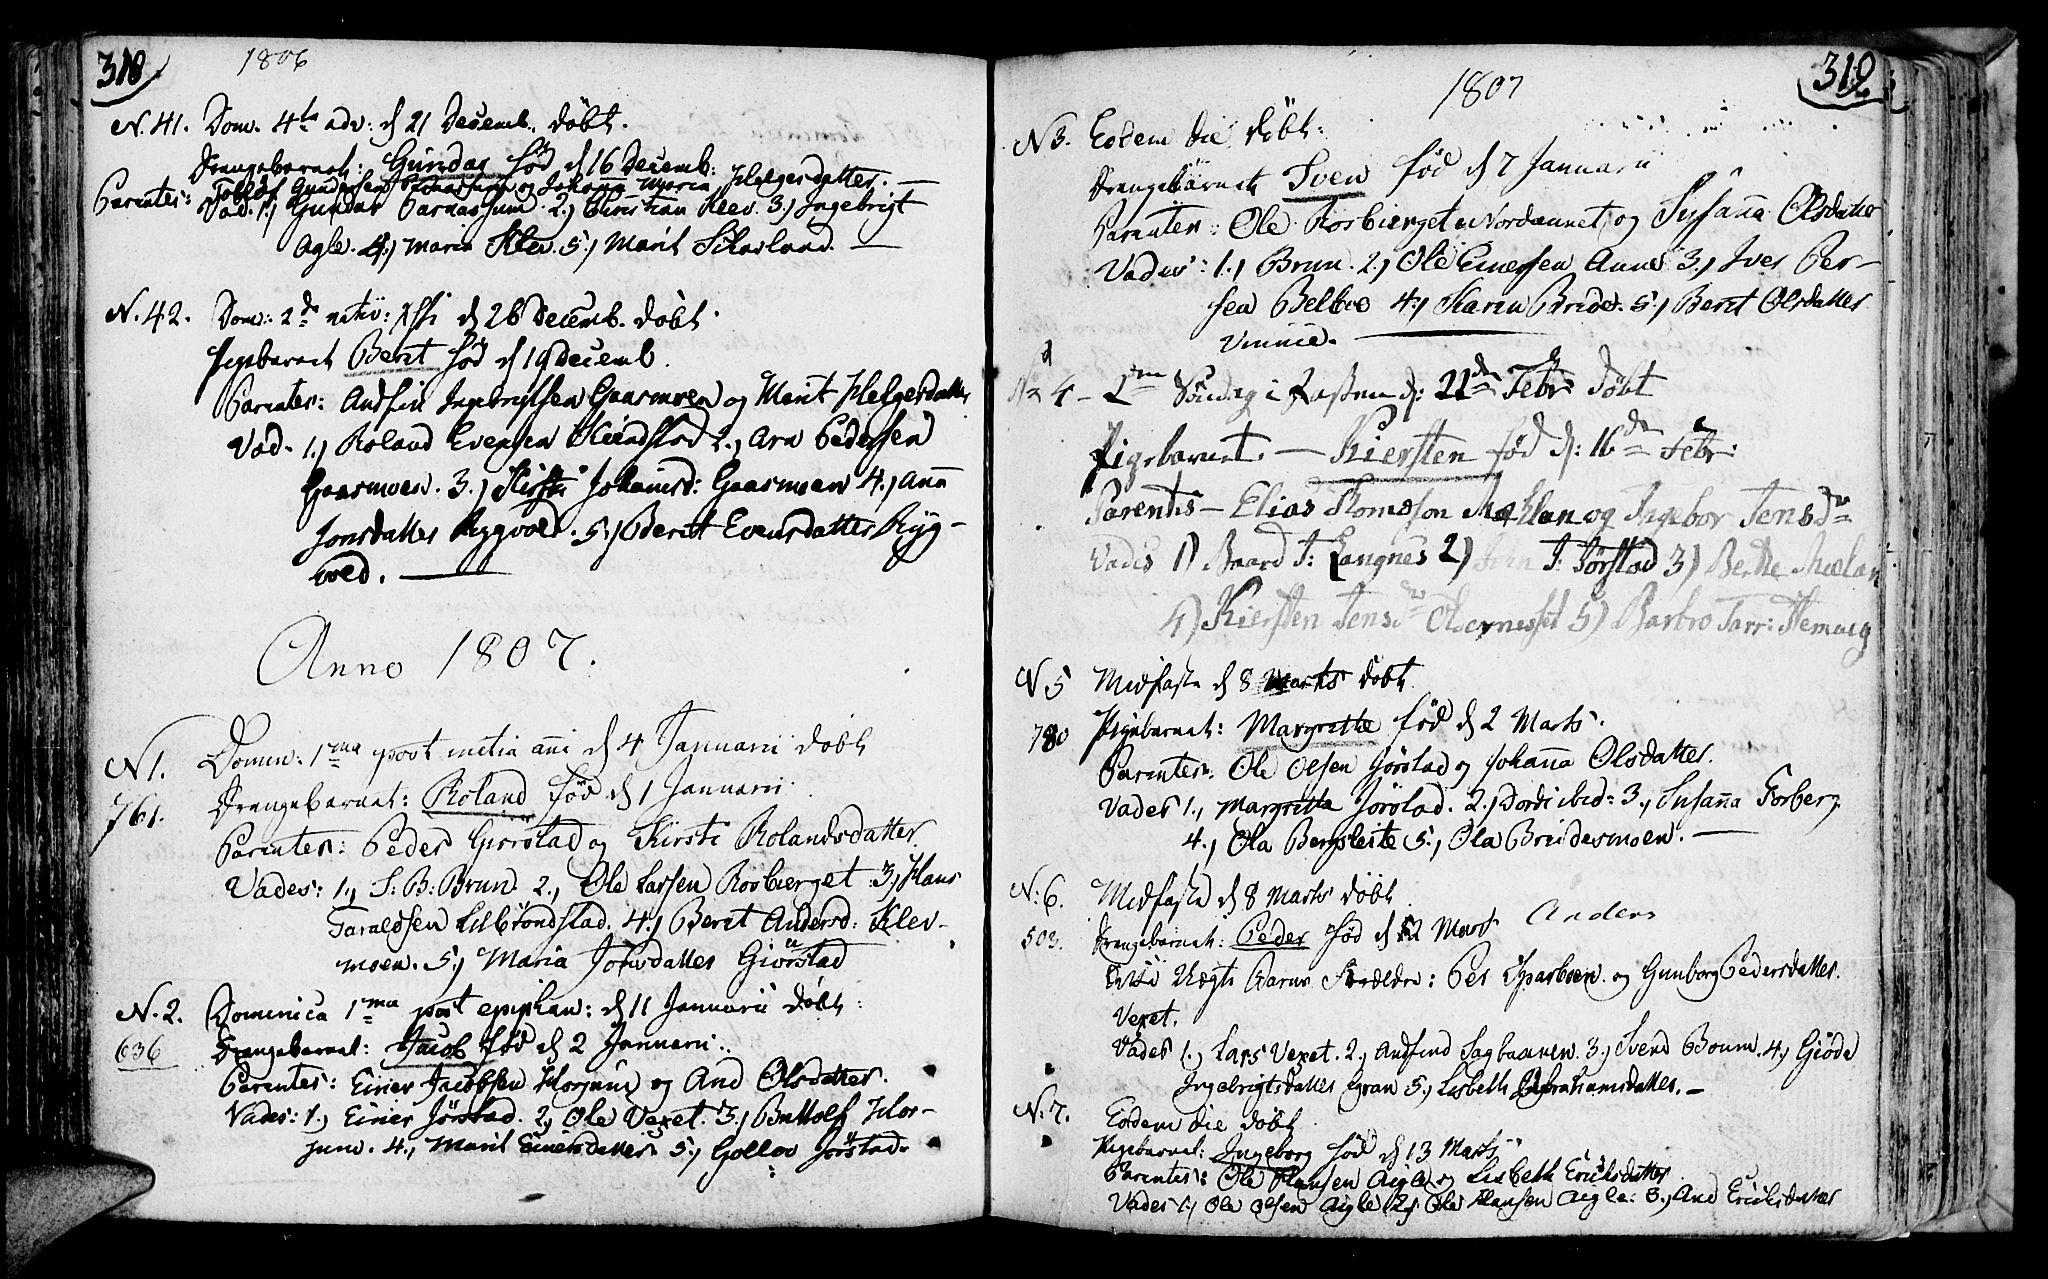 SAT, Ministerialprotokoller, klokkerbøker og fødselsregistre - Nord-Trøndelag, 749/L0468: Ministerialbok nr. 749A02, 1787-1817, s. 318-319